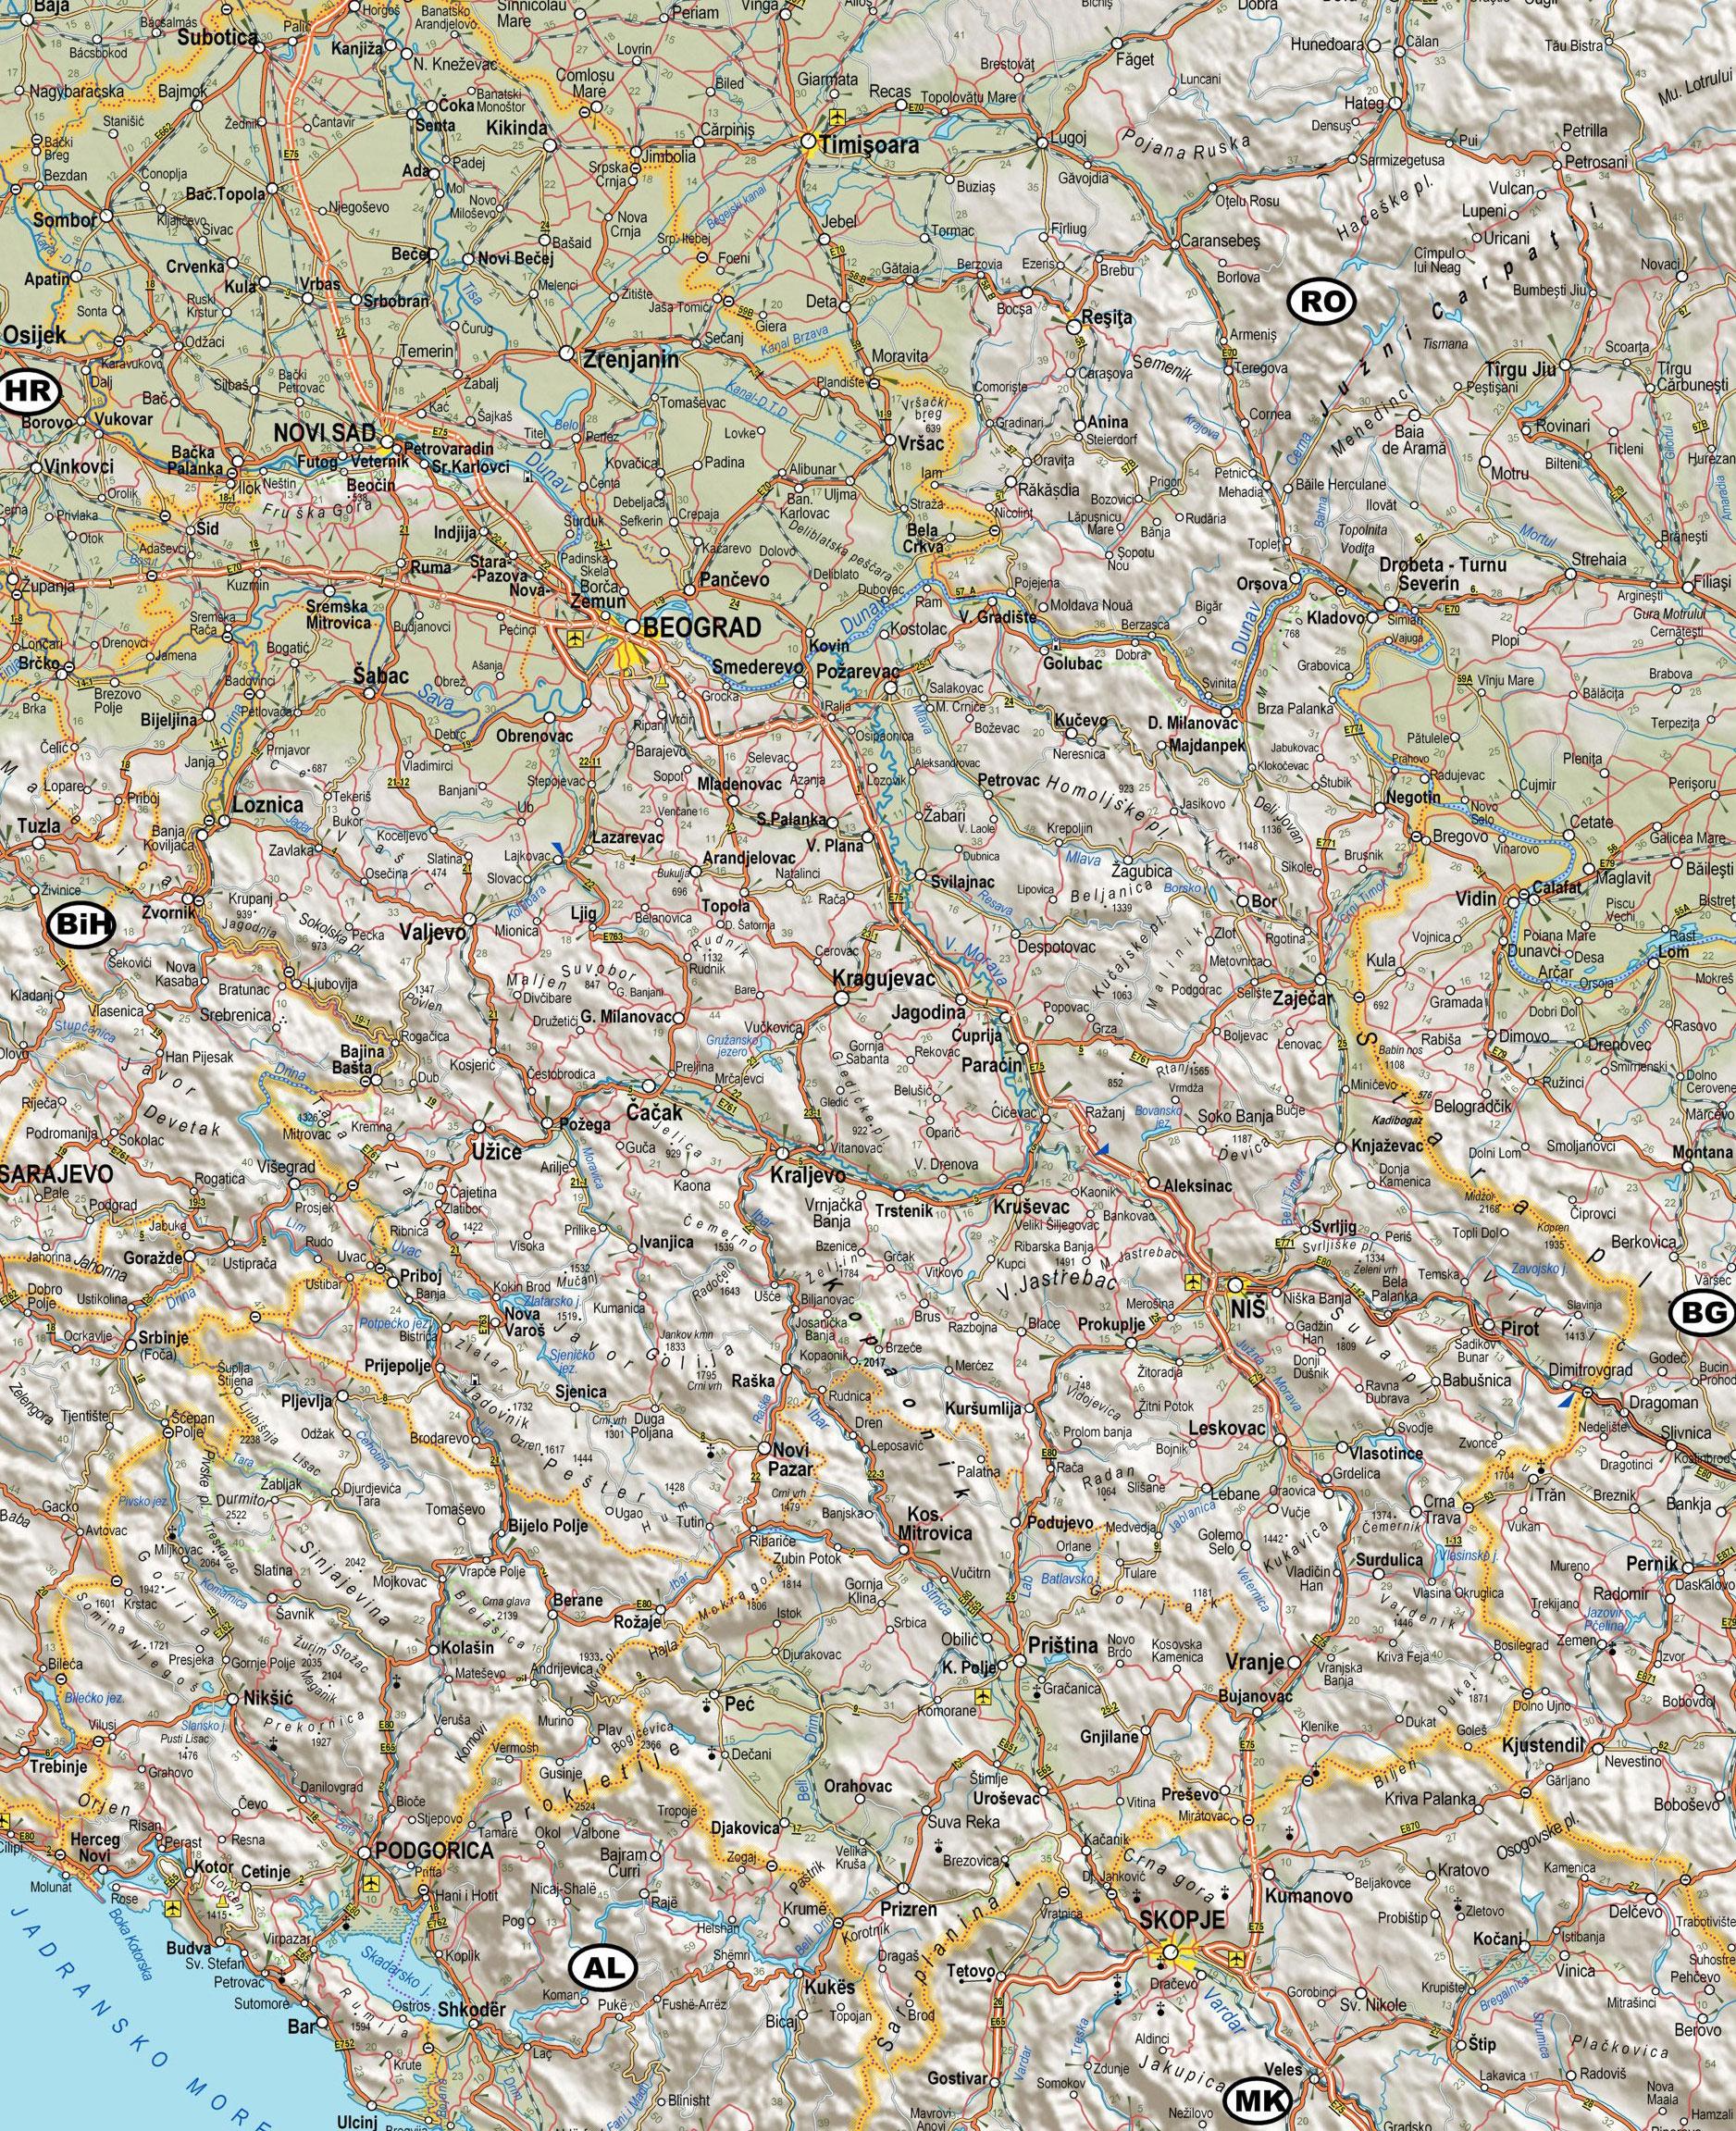 Auto Karta Srbije Karta